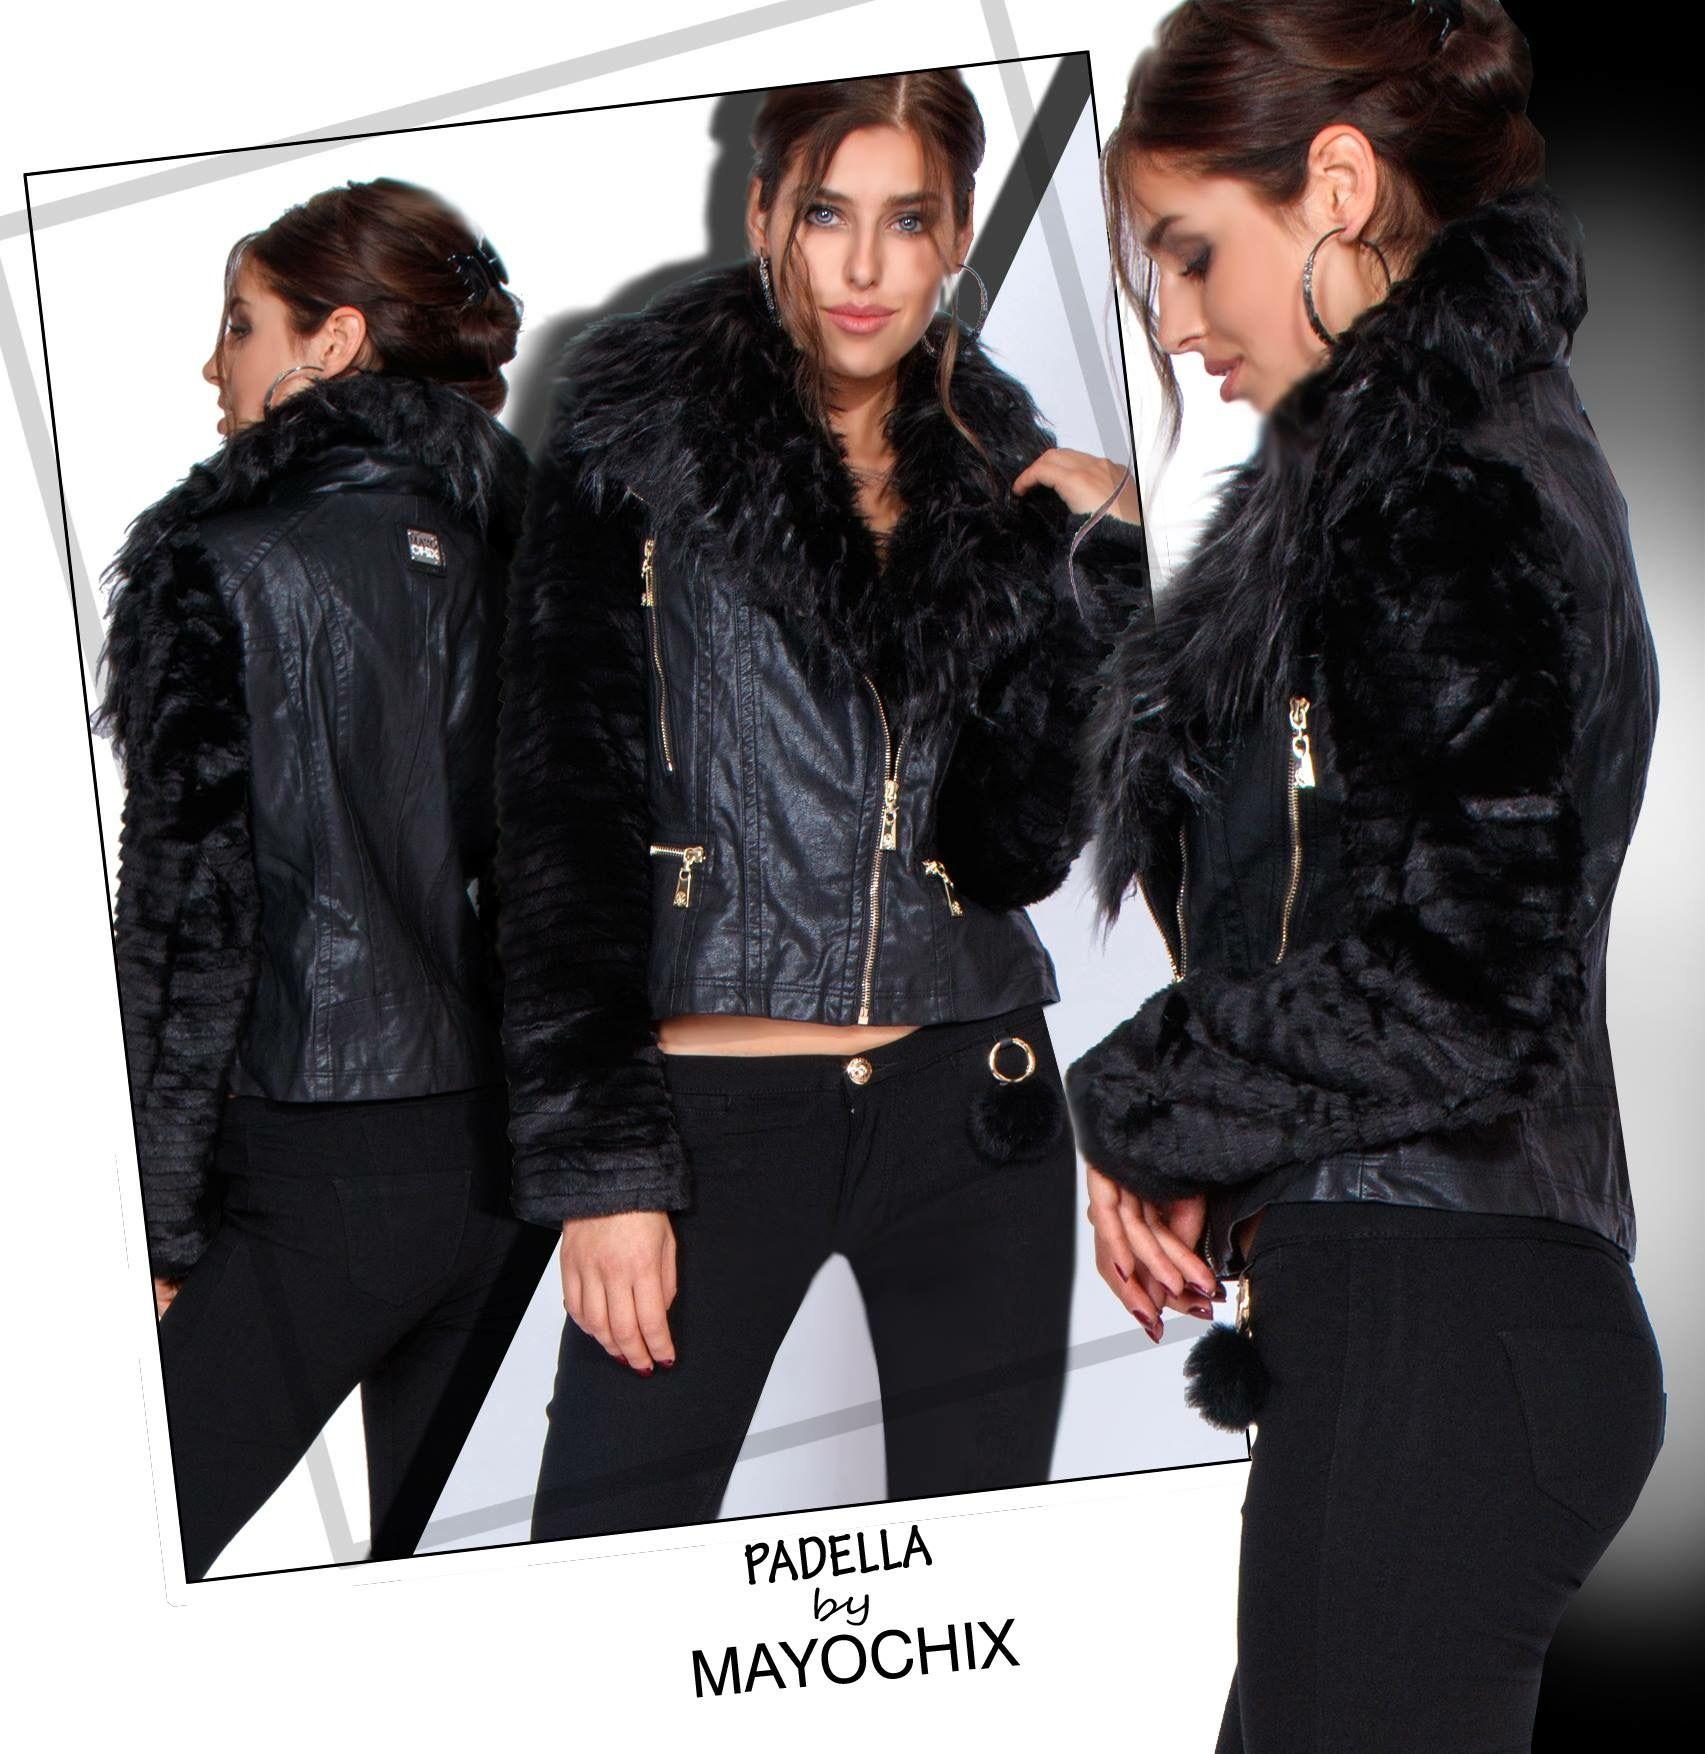 Mayo Chix Padella Jacket!  mayochix  padella  jacket  f21cdf0821